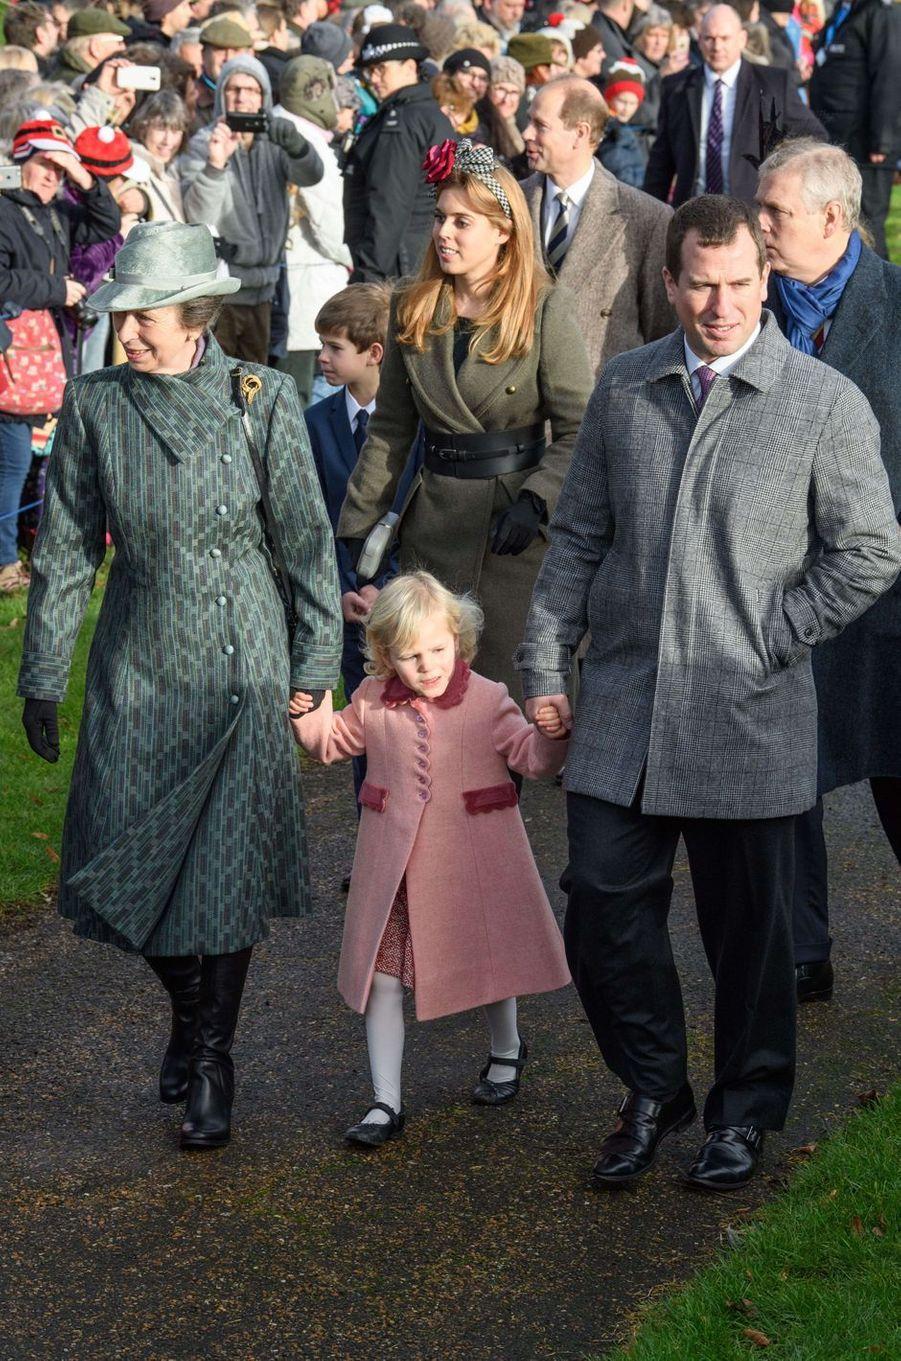 La famille royale britannique à Sandringham, le 25 décembre 2016